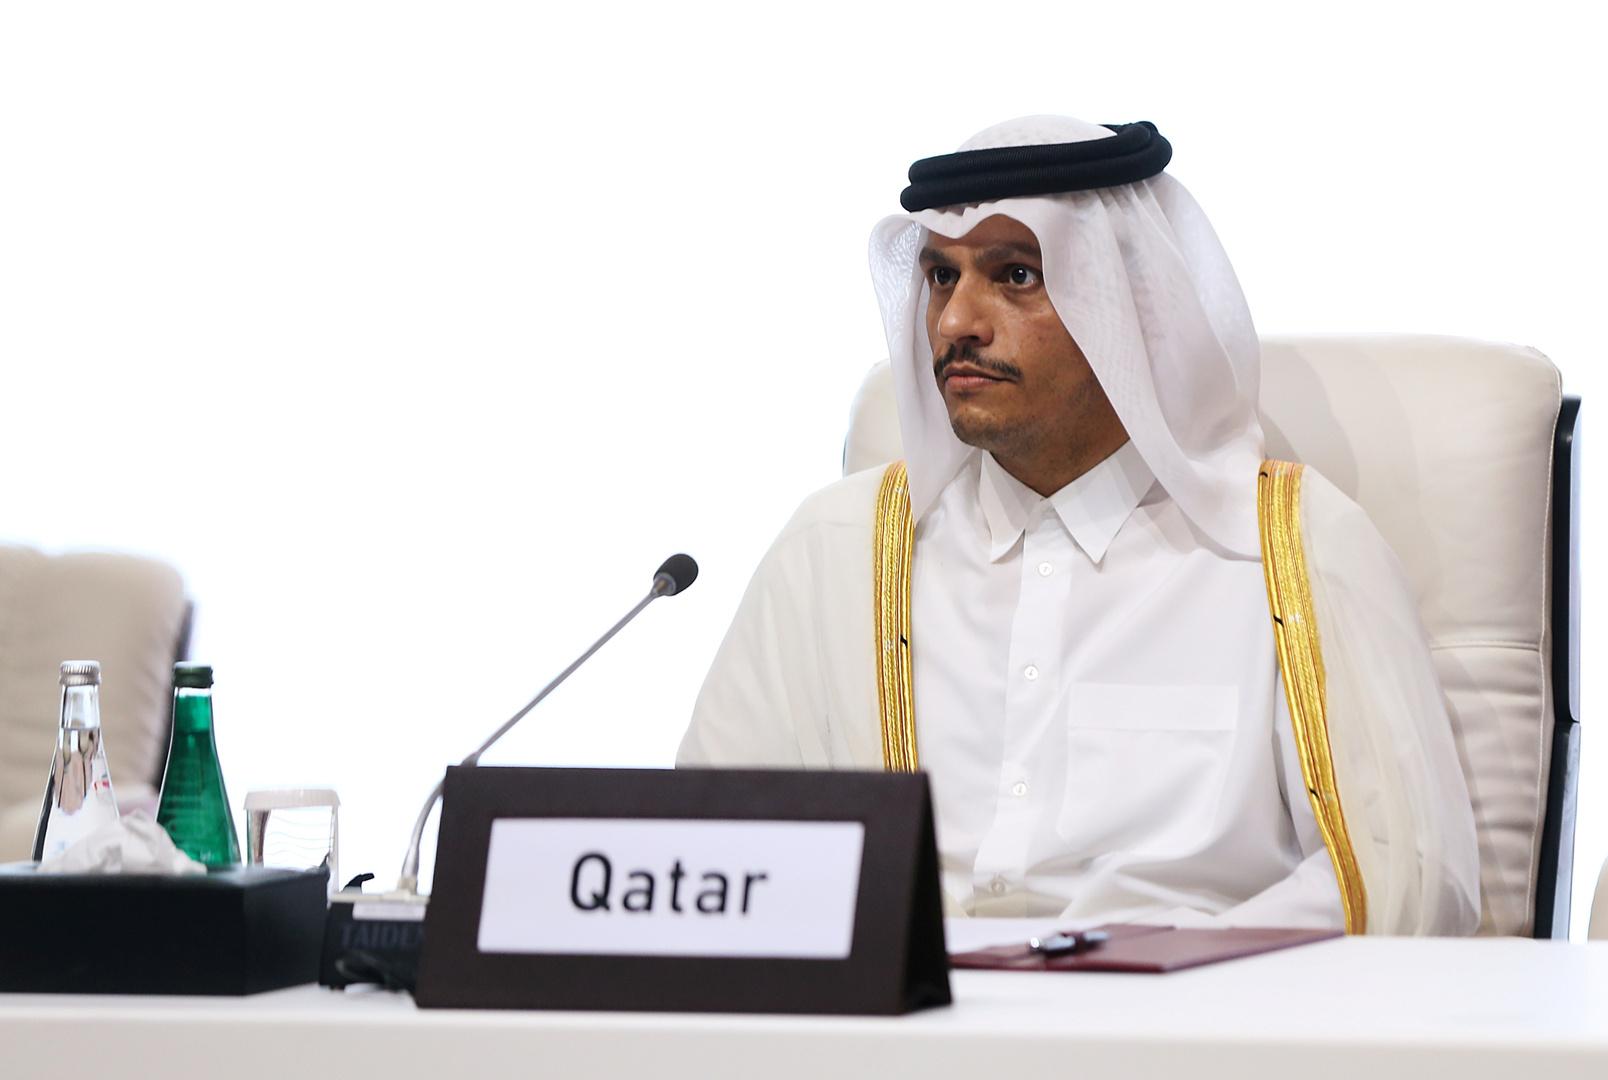 وزير الخارجية القطري: الدوحة والقاهرة تسعيان لعودة الدفء إلى علاقاتهما